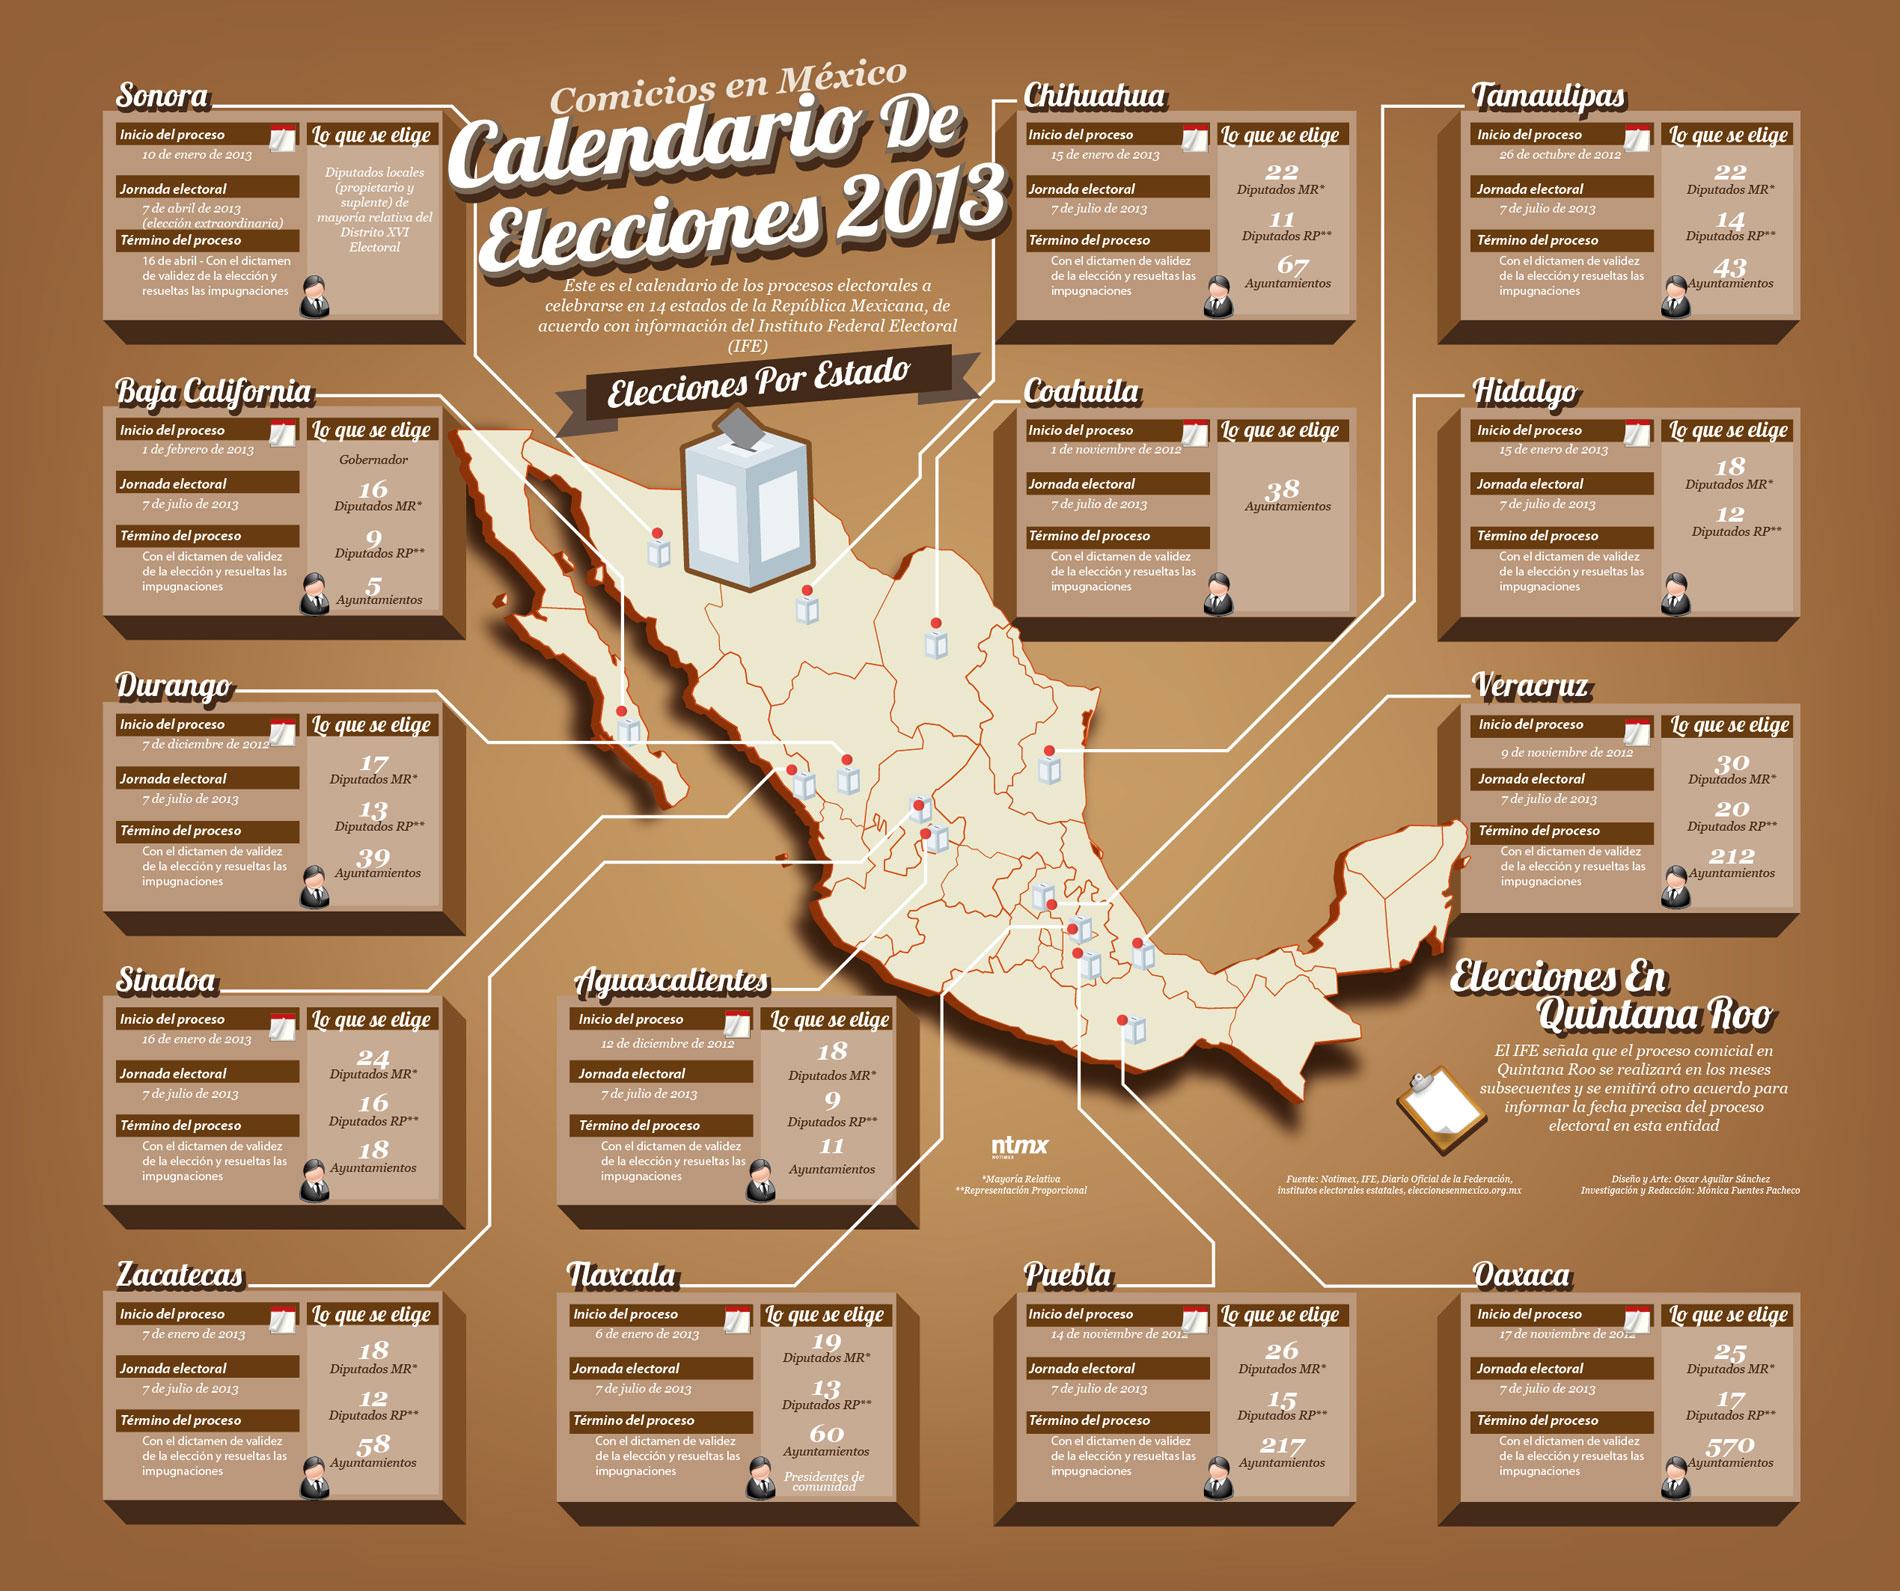 Conoce el calendario electoral para el 2013